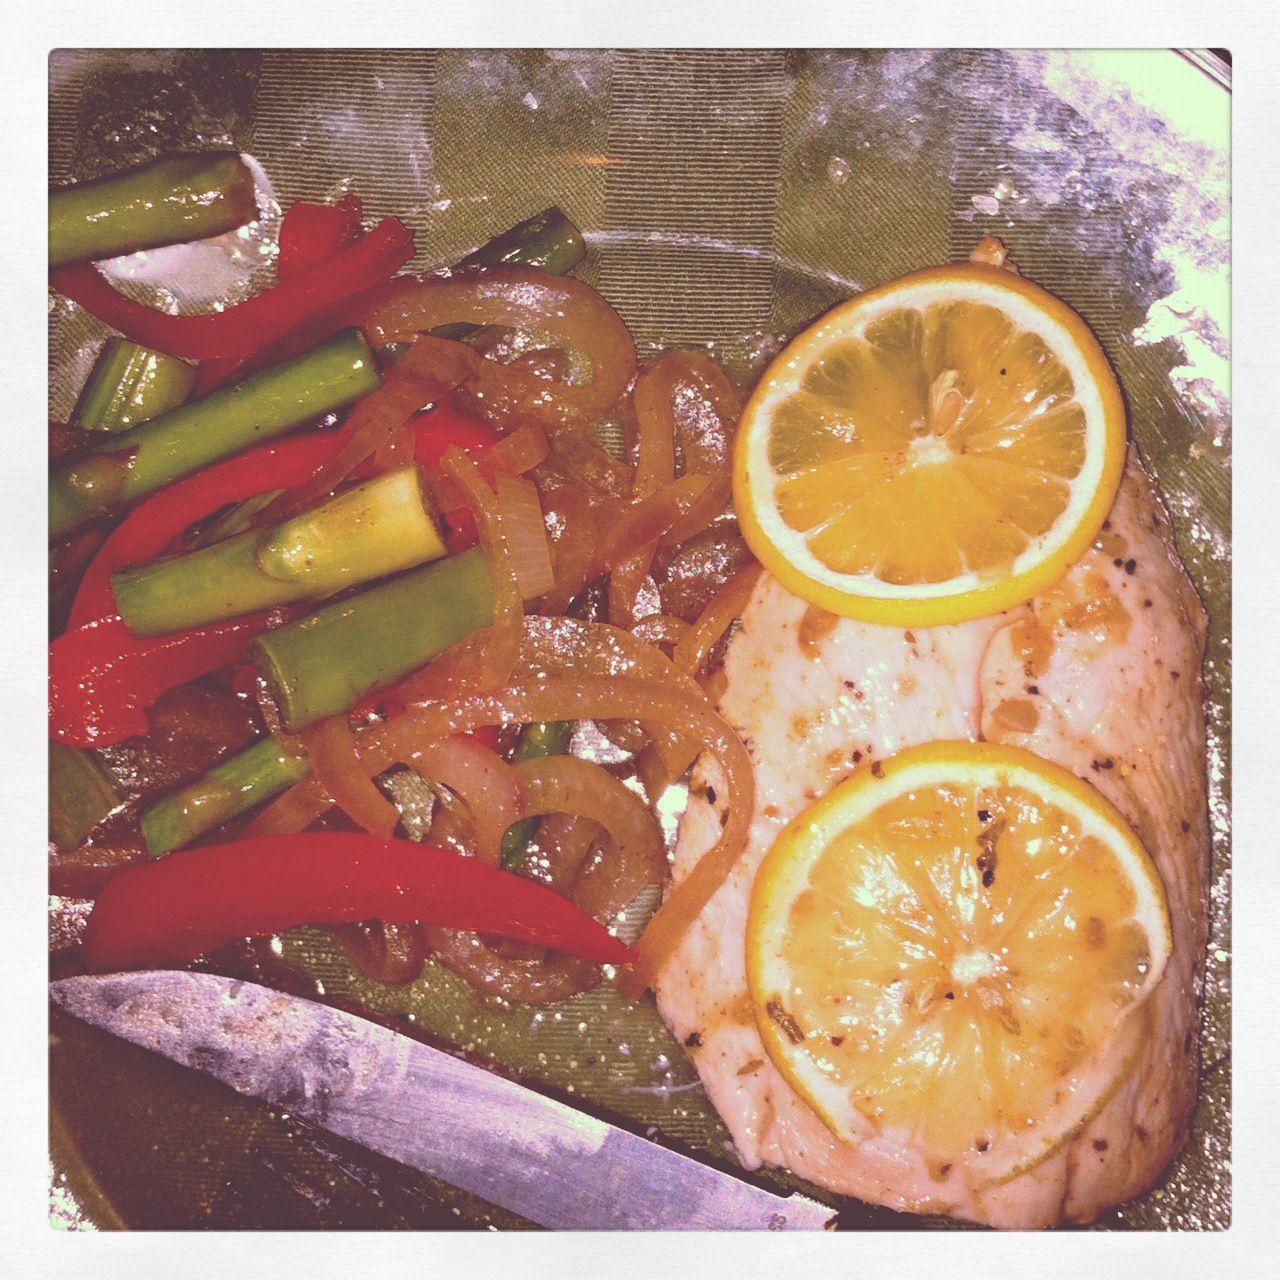 Lemon chicken and veggies!